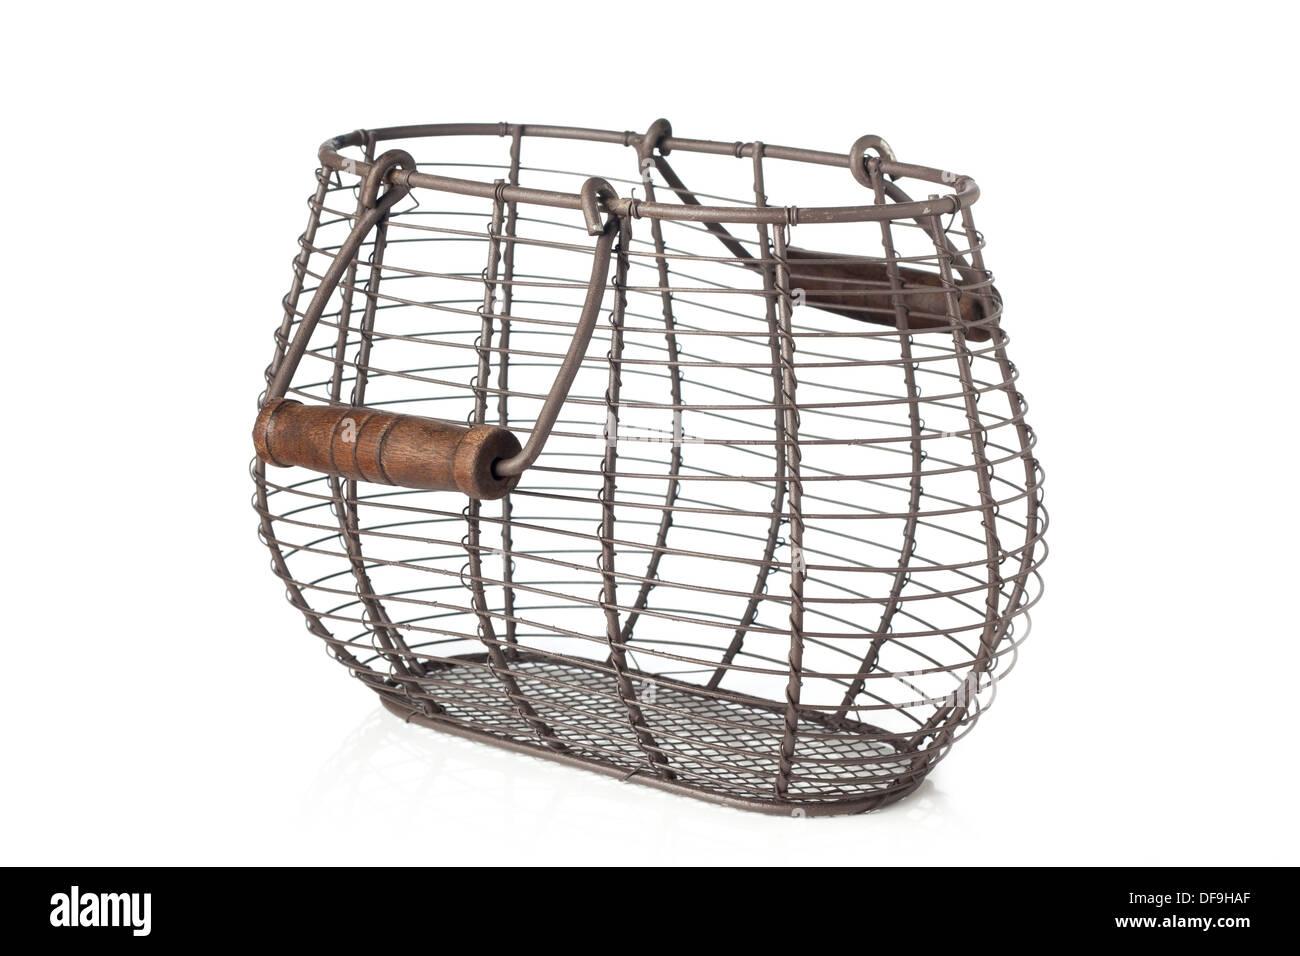 Wire Frame Basket Stockfotos & Wire Frame Basket Bilder - Alamy